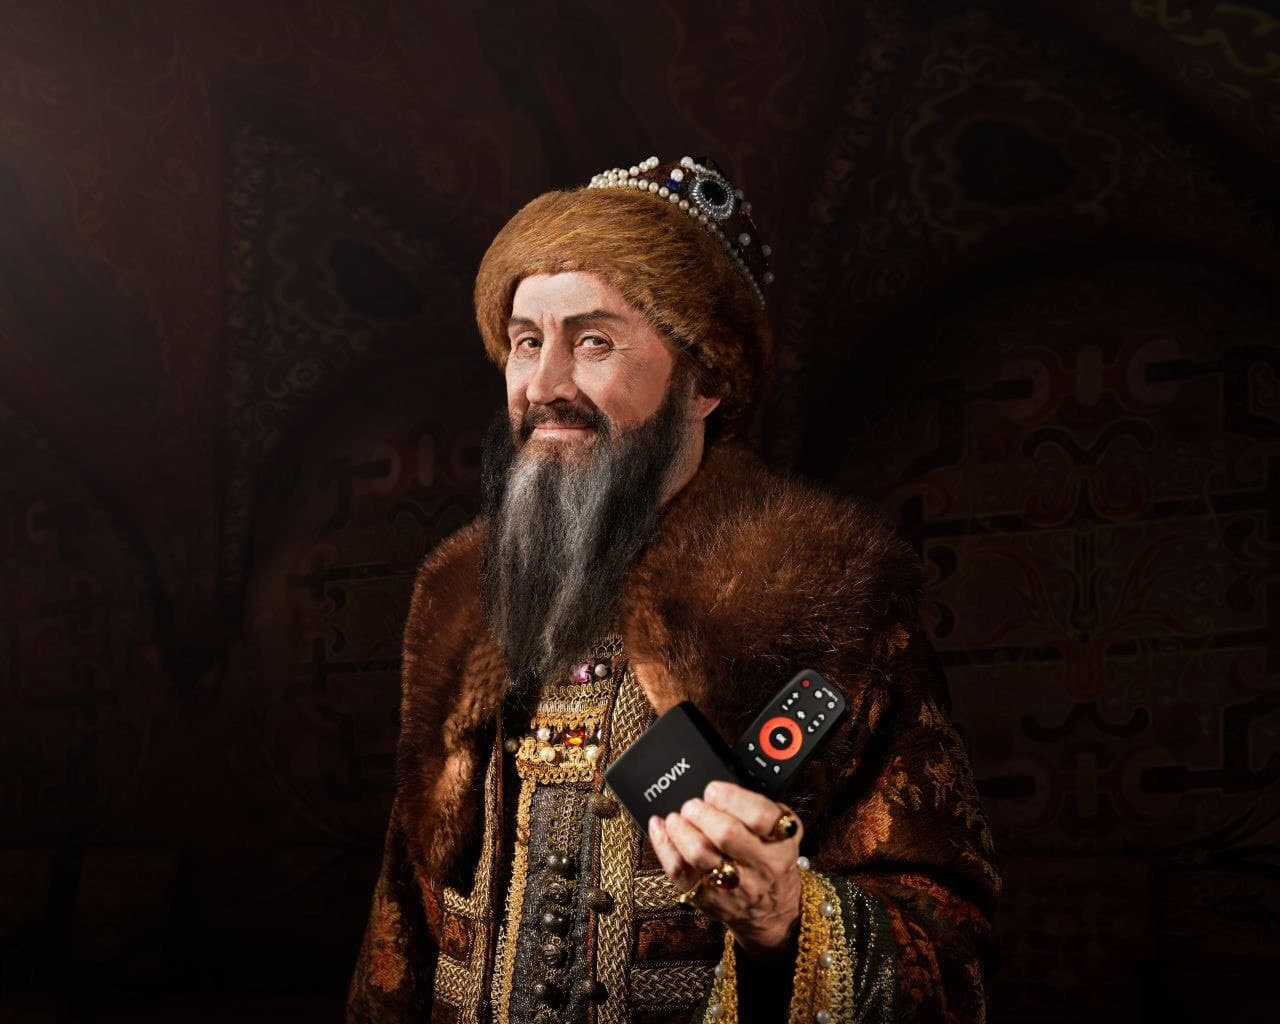 Как царь довольным стал: интернет и ТВ по-царски от «Дом.ру»